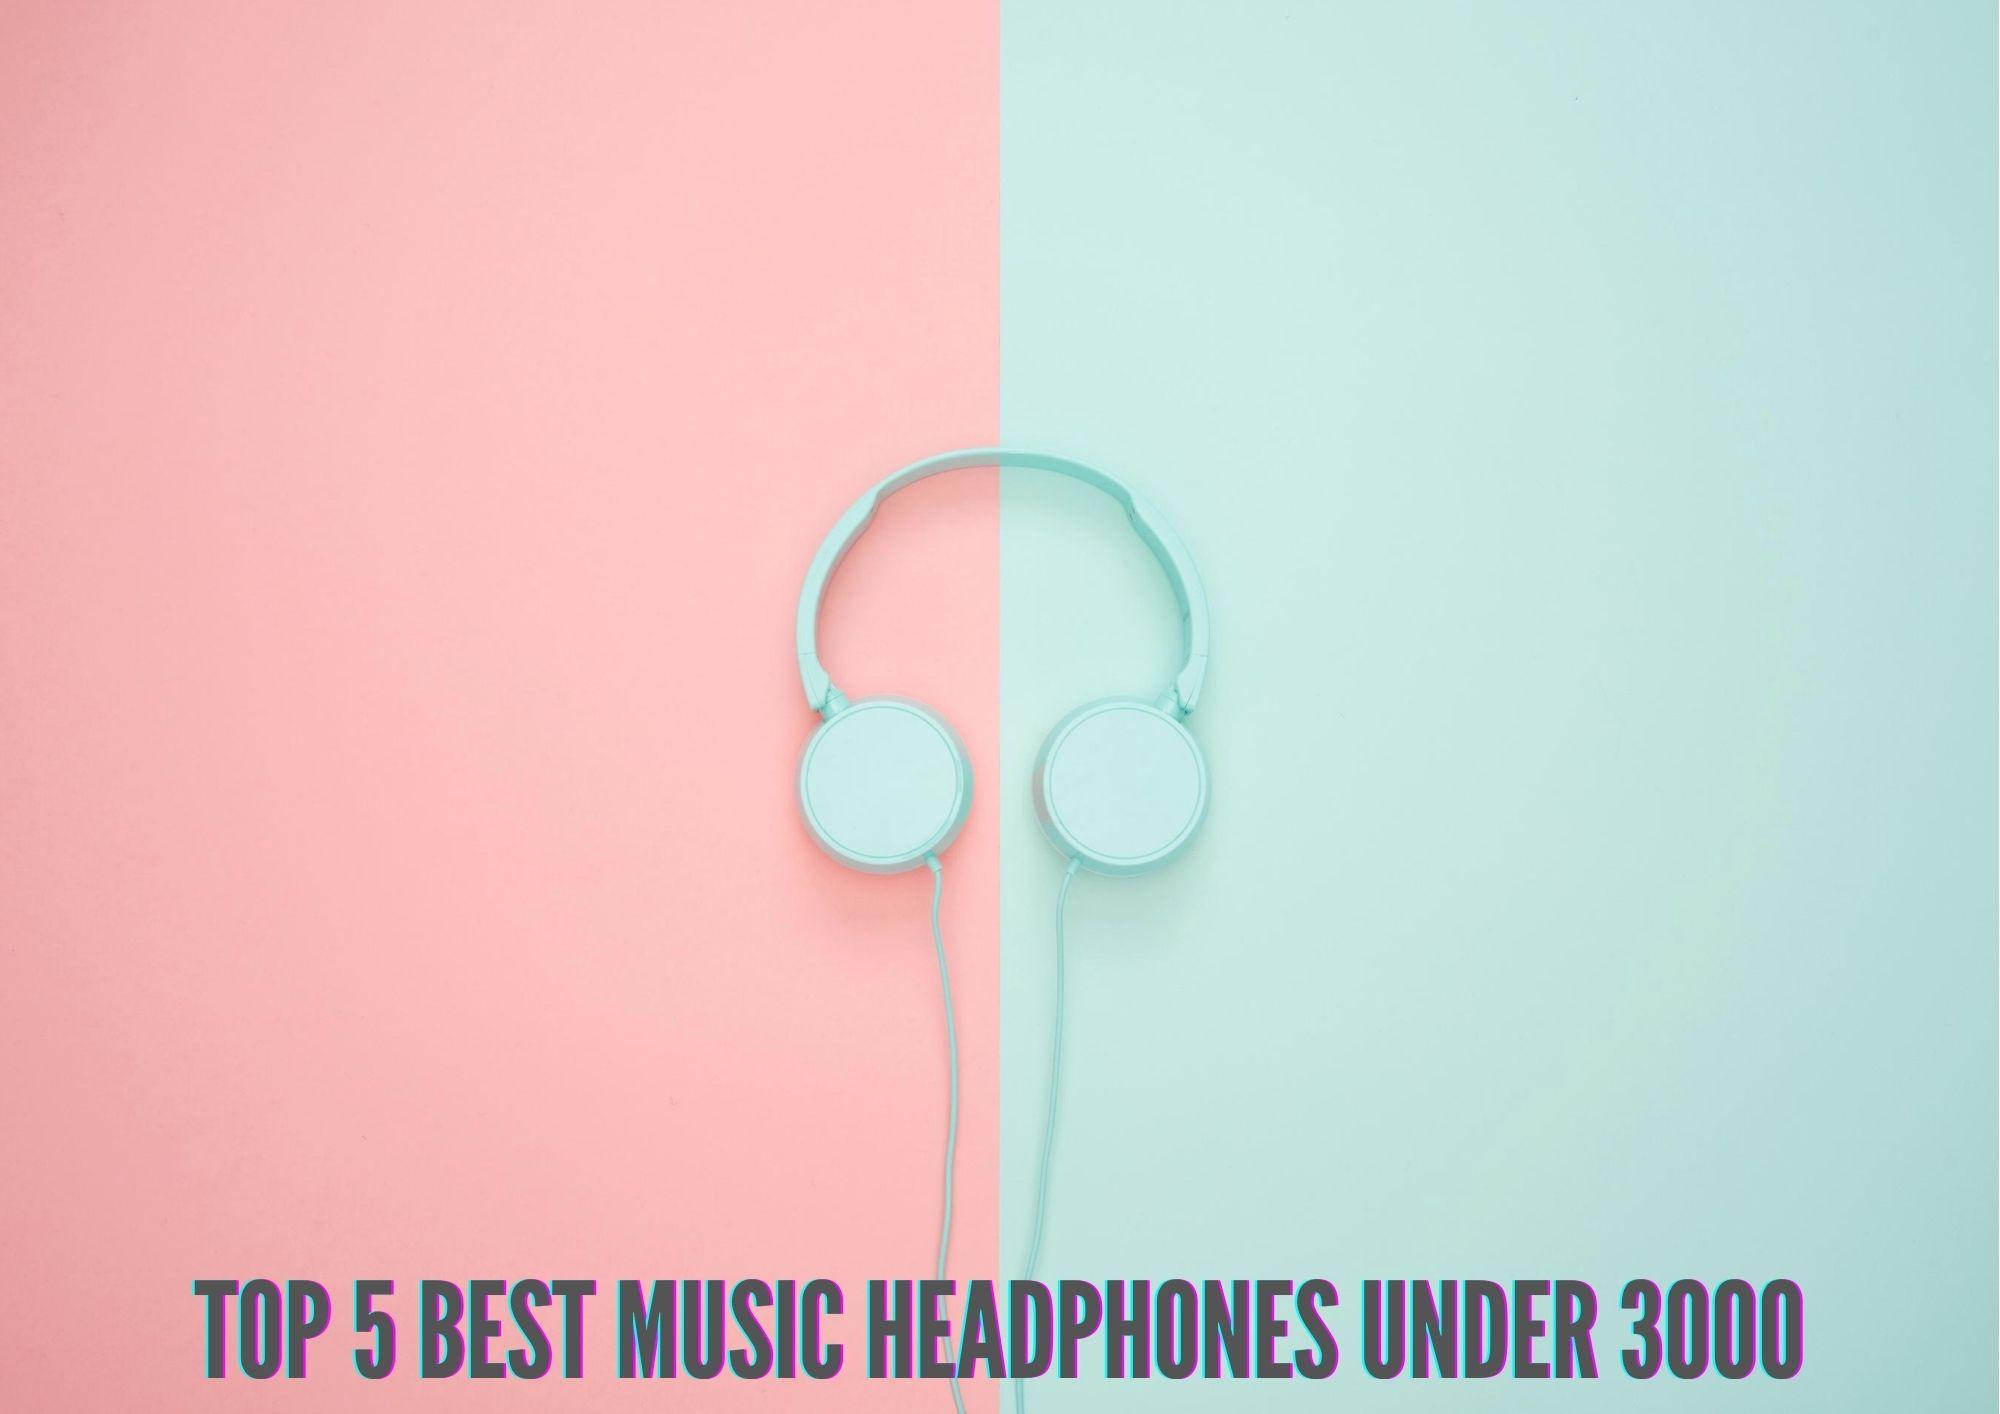 Top 5 Best Music Headphones Under 3000